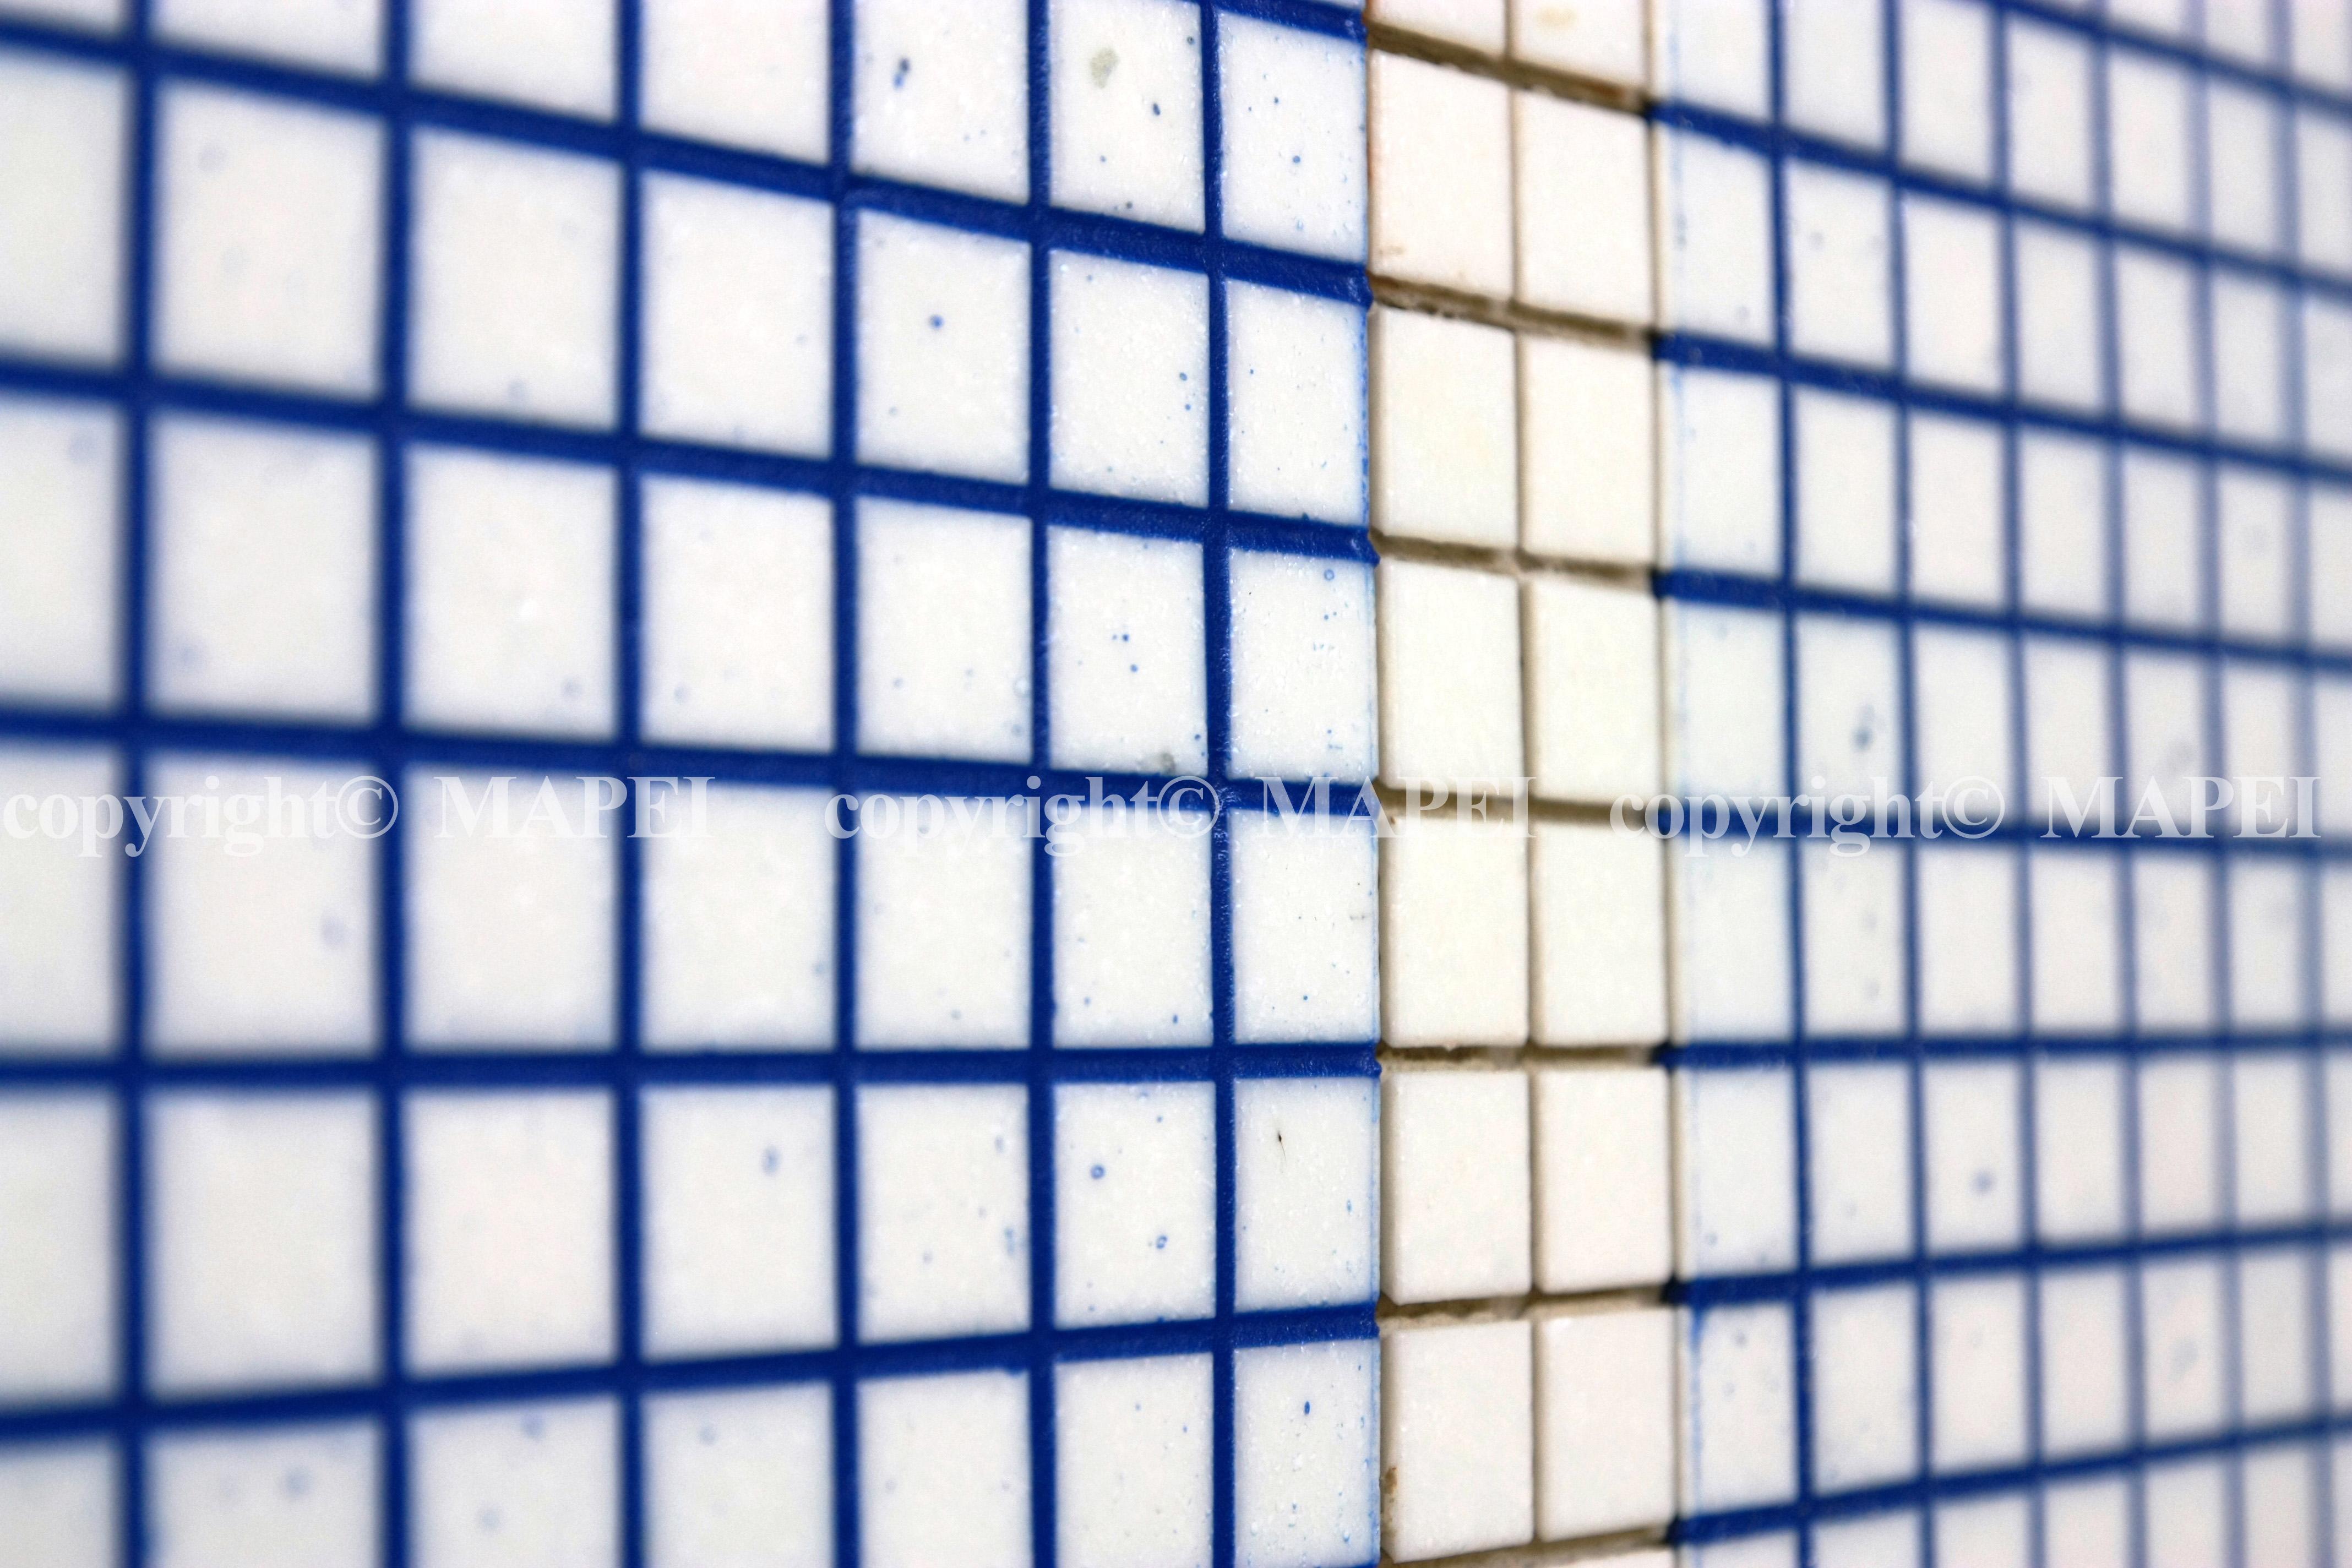 25. rosturi mozaic sticla chituite cu chit epoxidic MAPEI - Poza 25